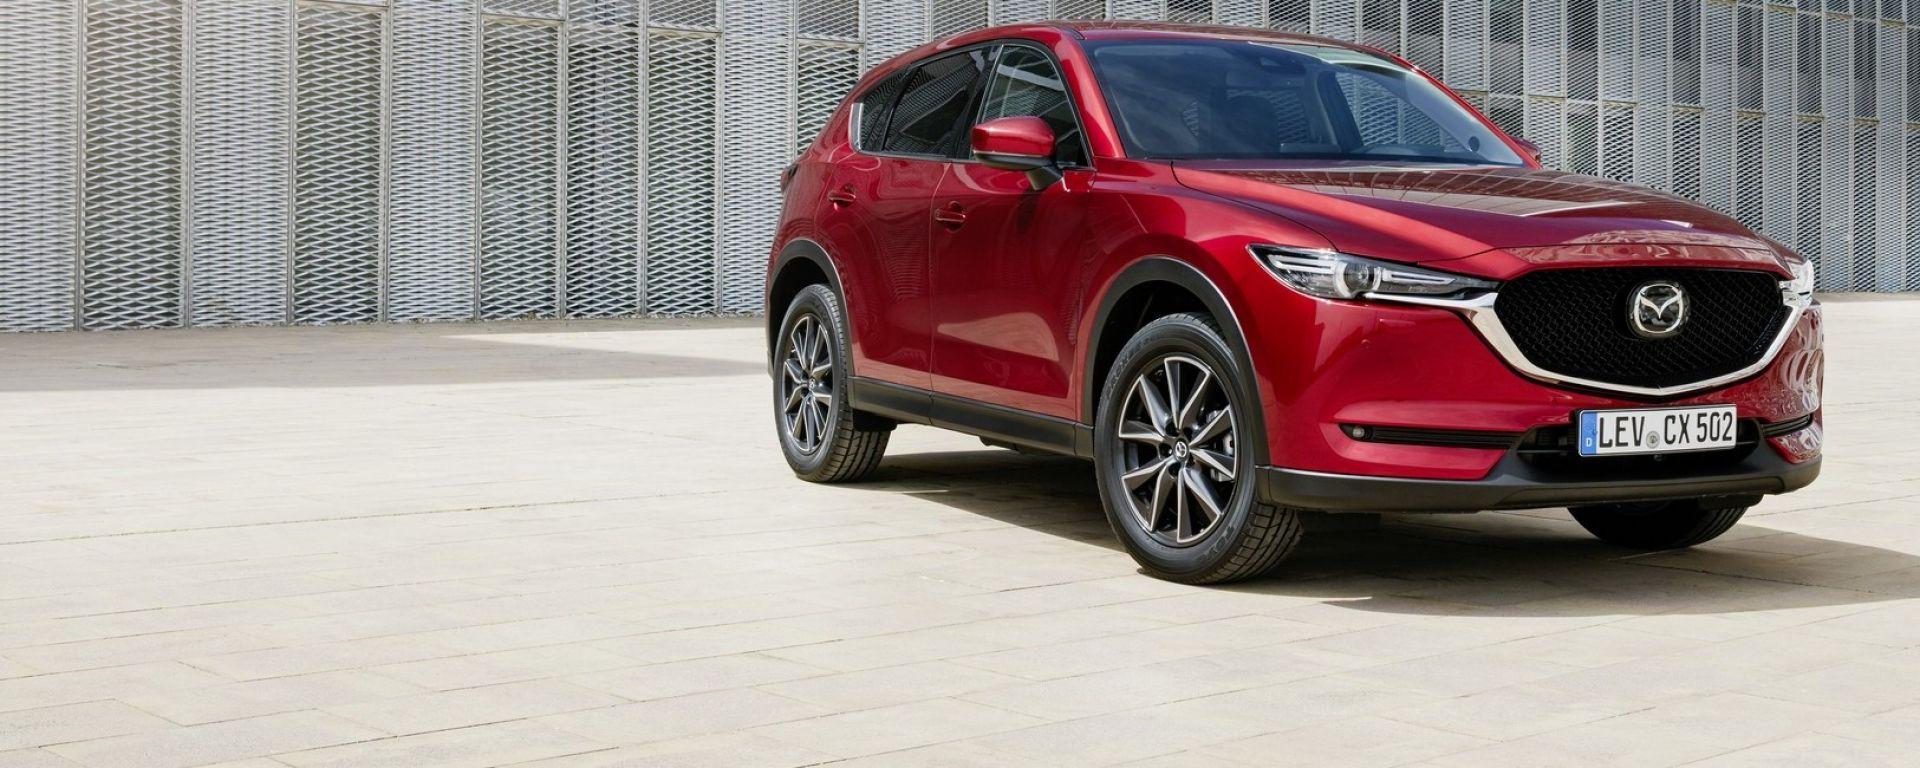 Mazda CX-5 2018, motori più efficienti, dotazioni più ricche